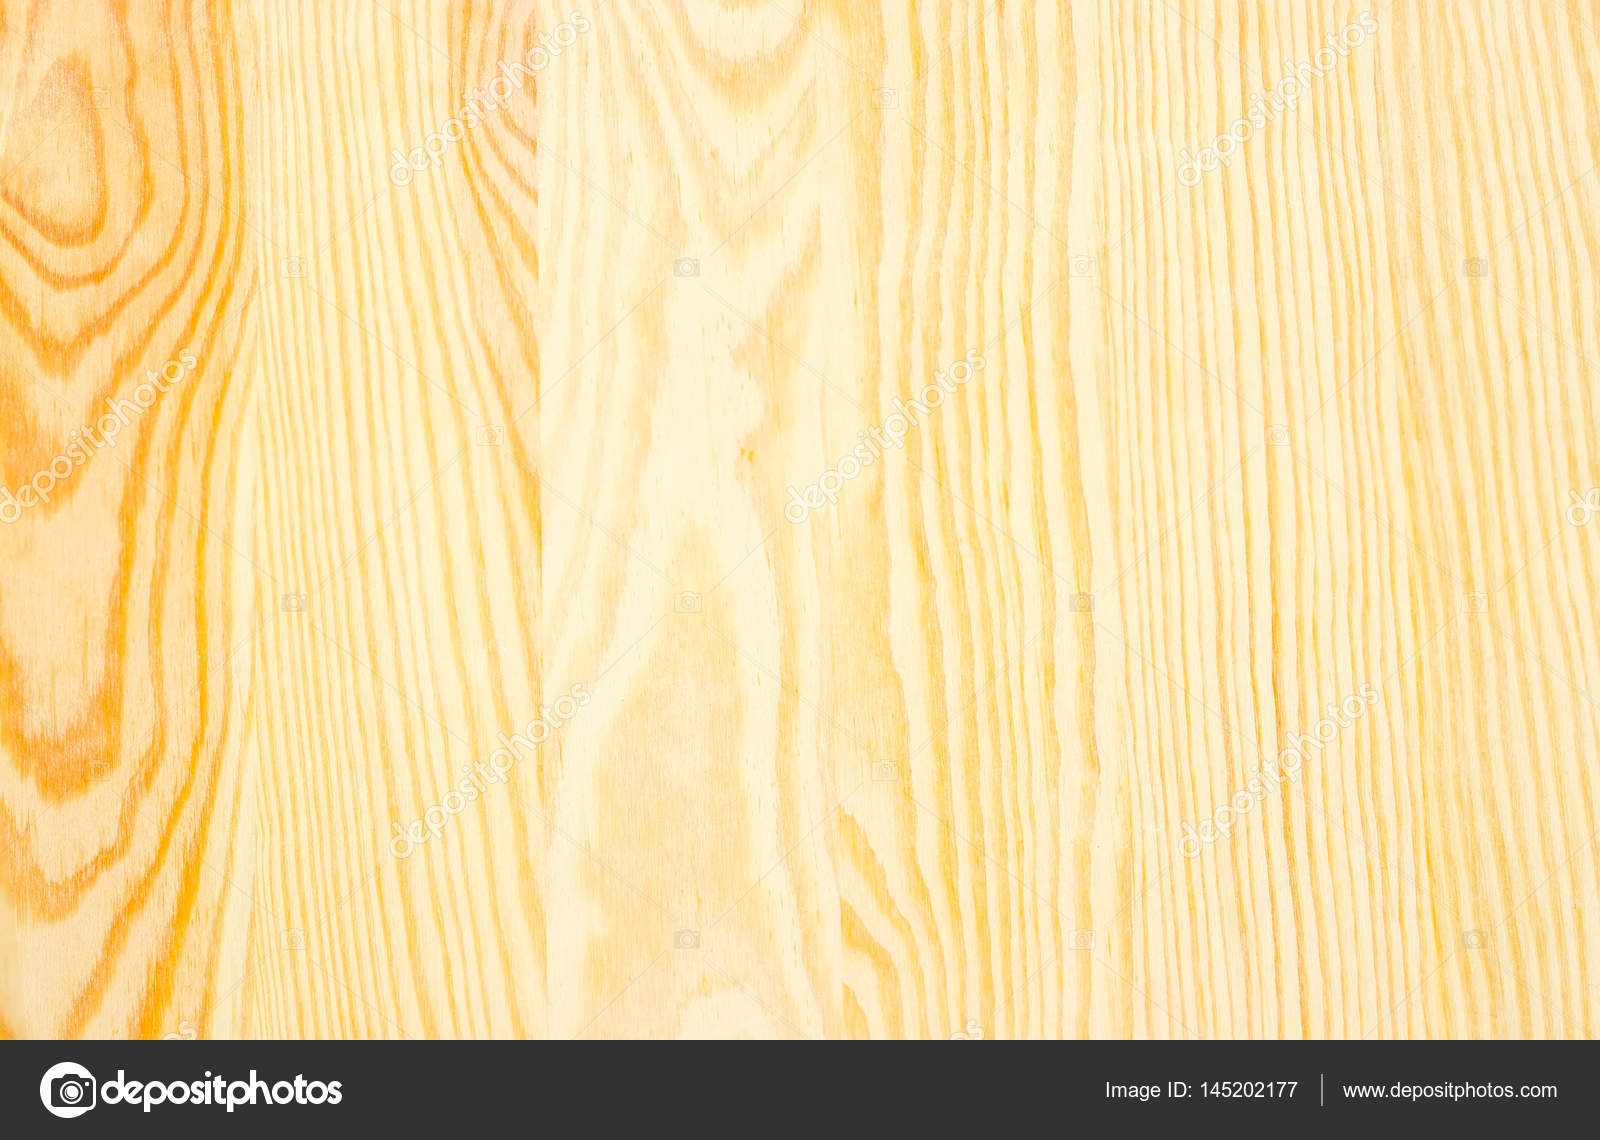 hintergrund der helle kiefer-dielen — stockfoto © anmbph #145202177